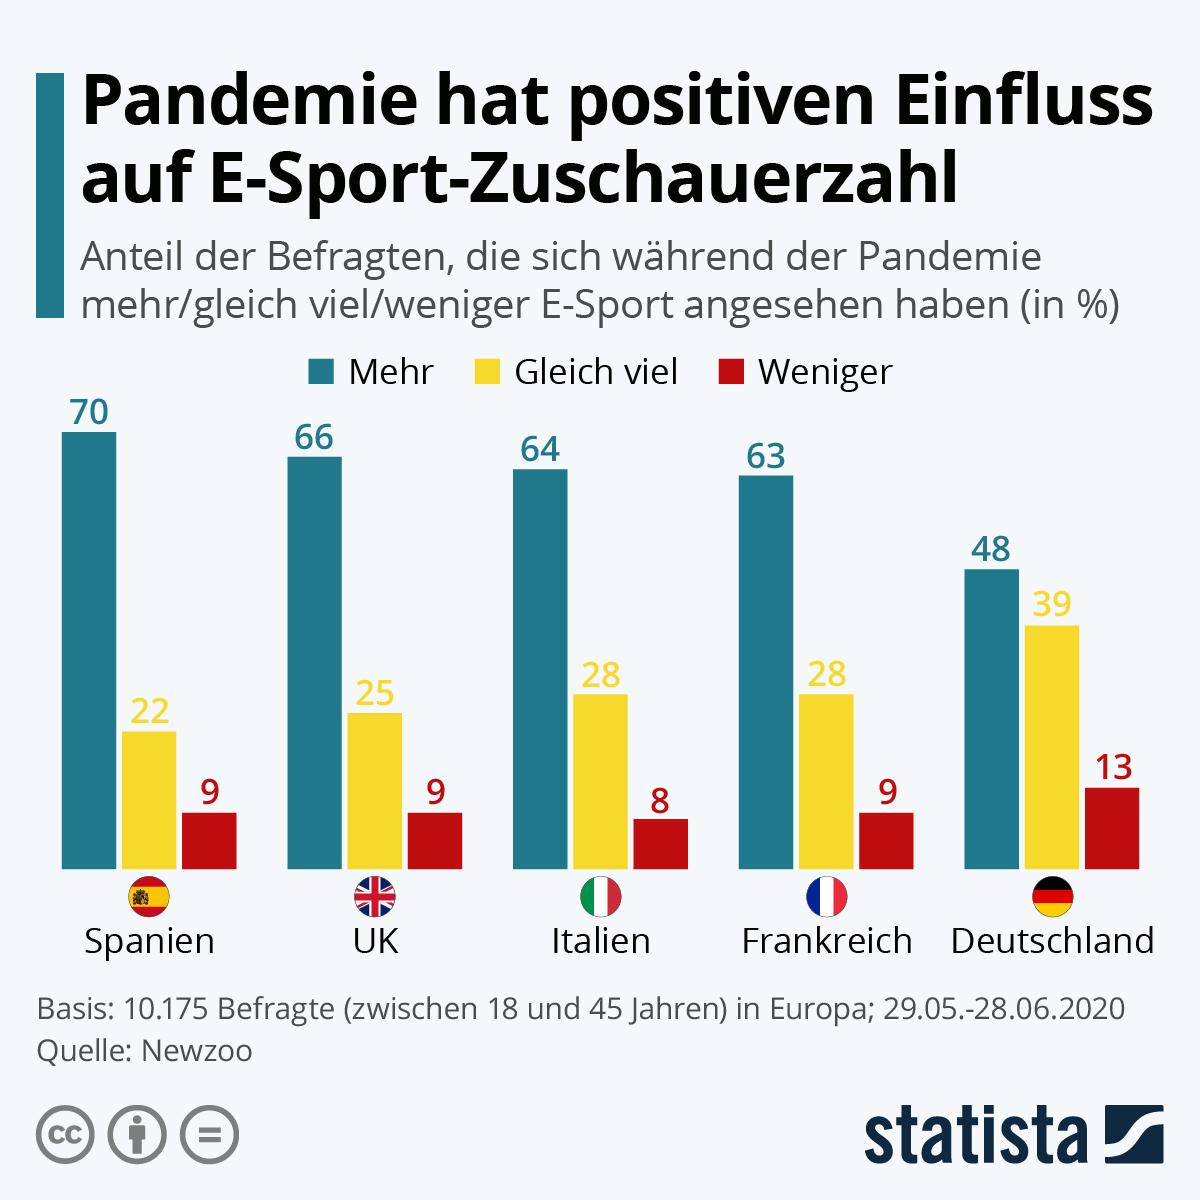 Infografik: Pandemie hat positiven Einfluss auf E-Sport-Zuschauerzahl | Statista